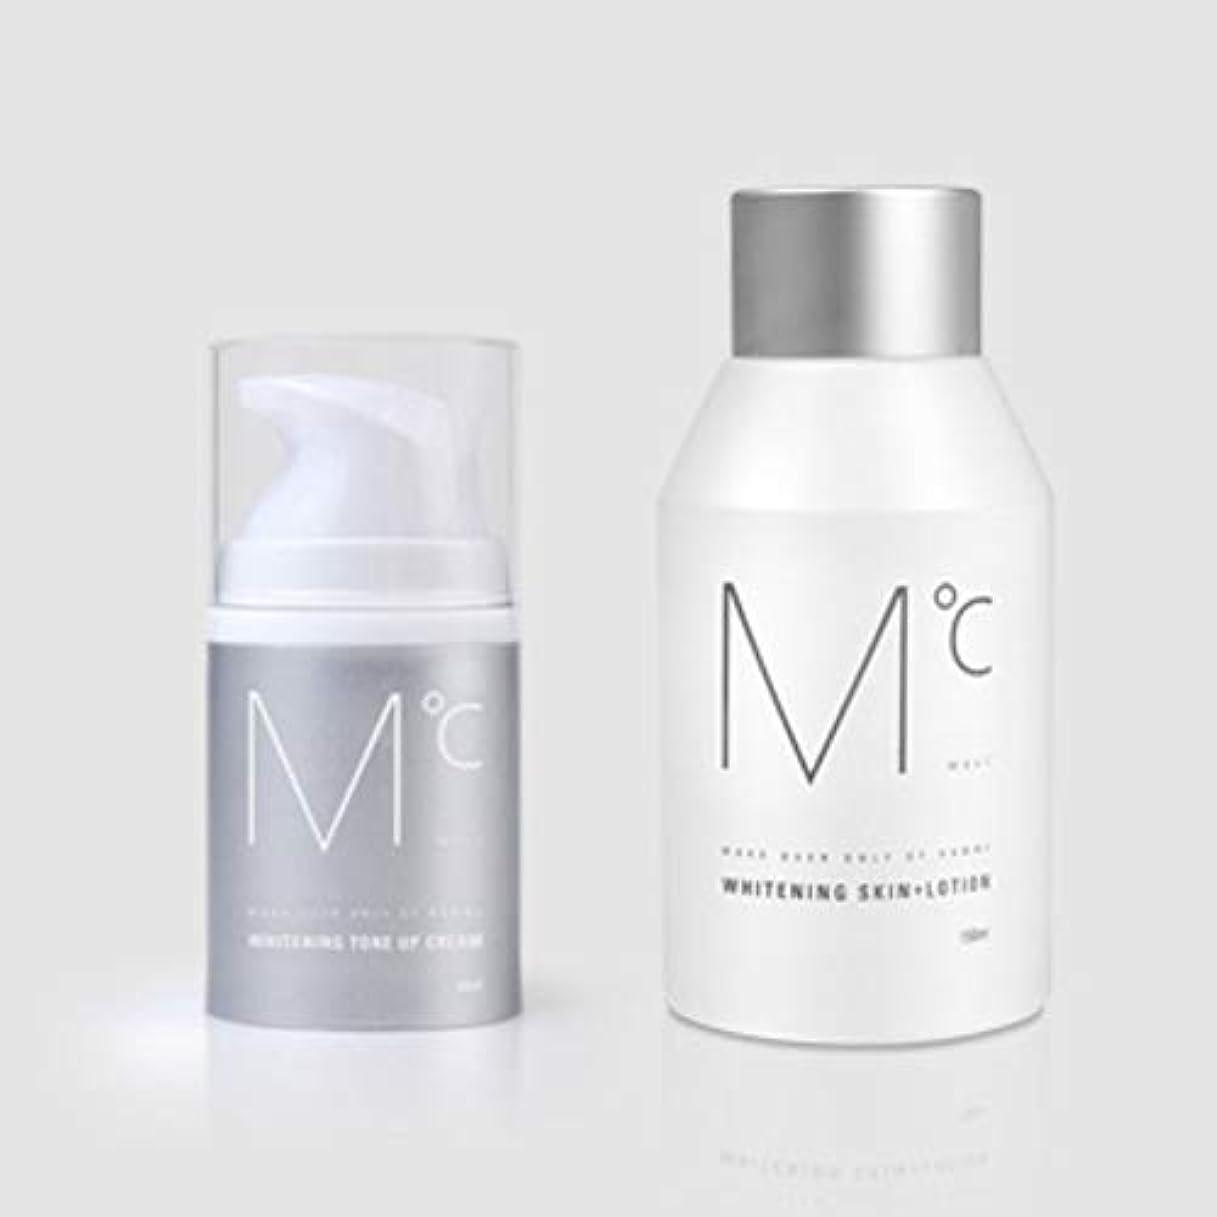 でる米国米国M°C Whitening Tone-UP Set(スキン+ローション&クリーム) Men's男性KOREA化粧品MdoC